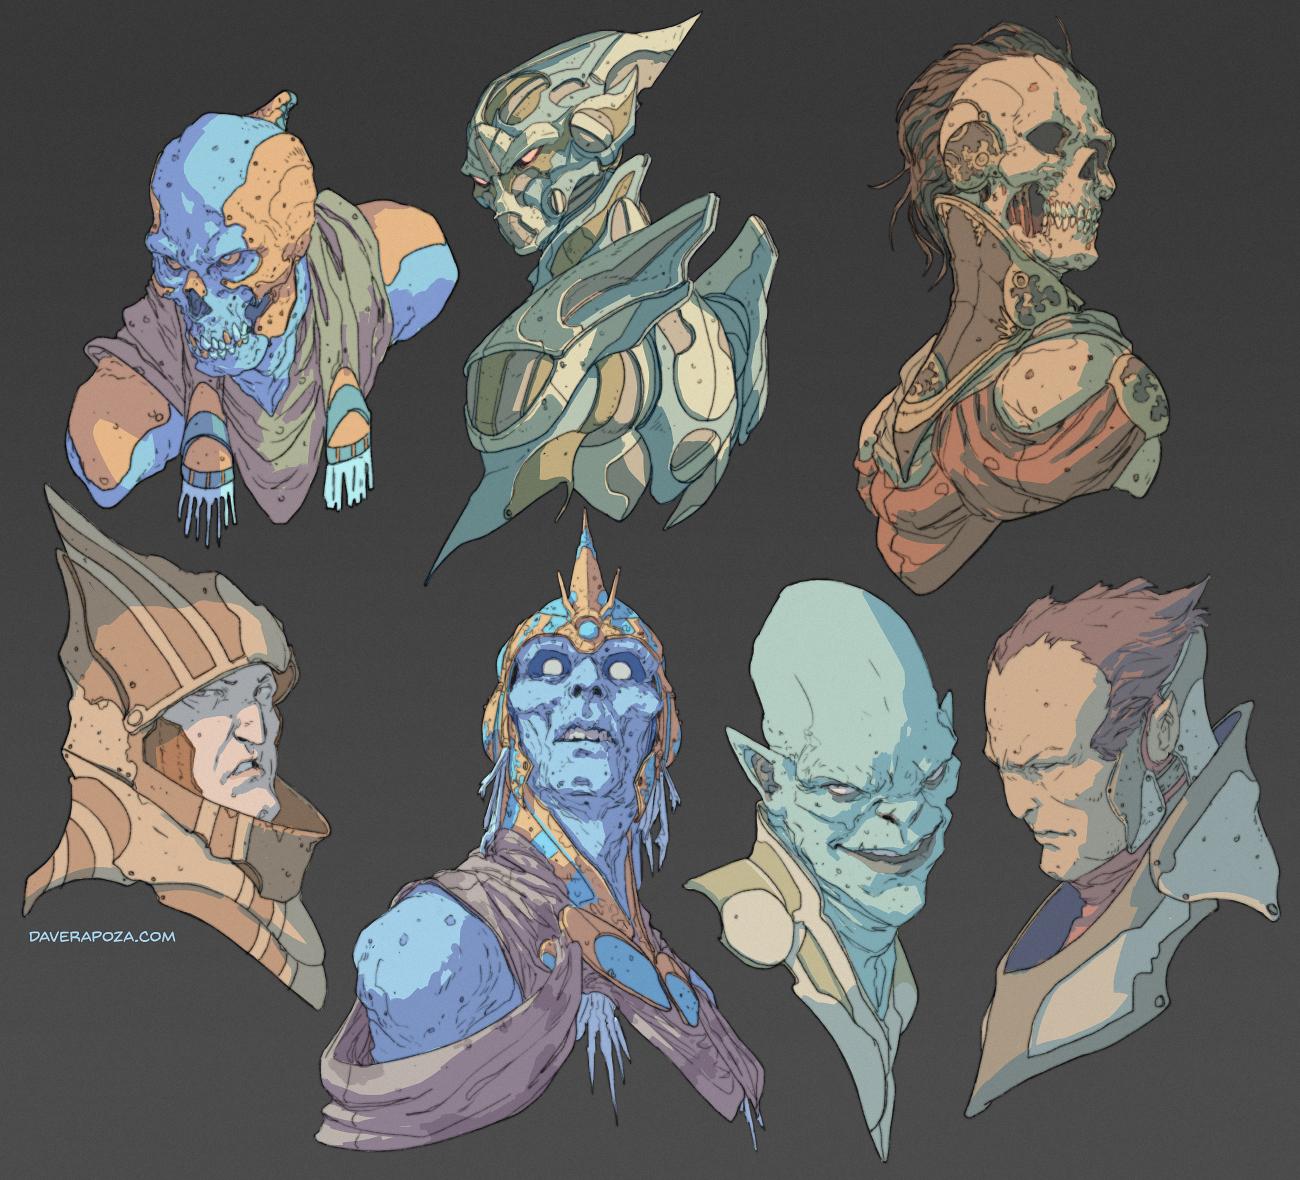 Head Concepts by DaveRapoza